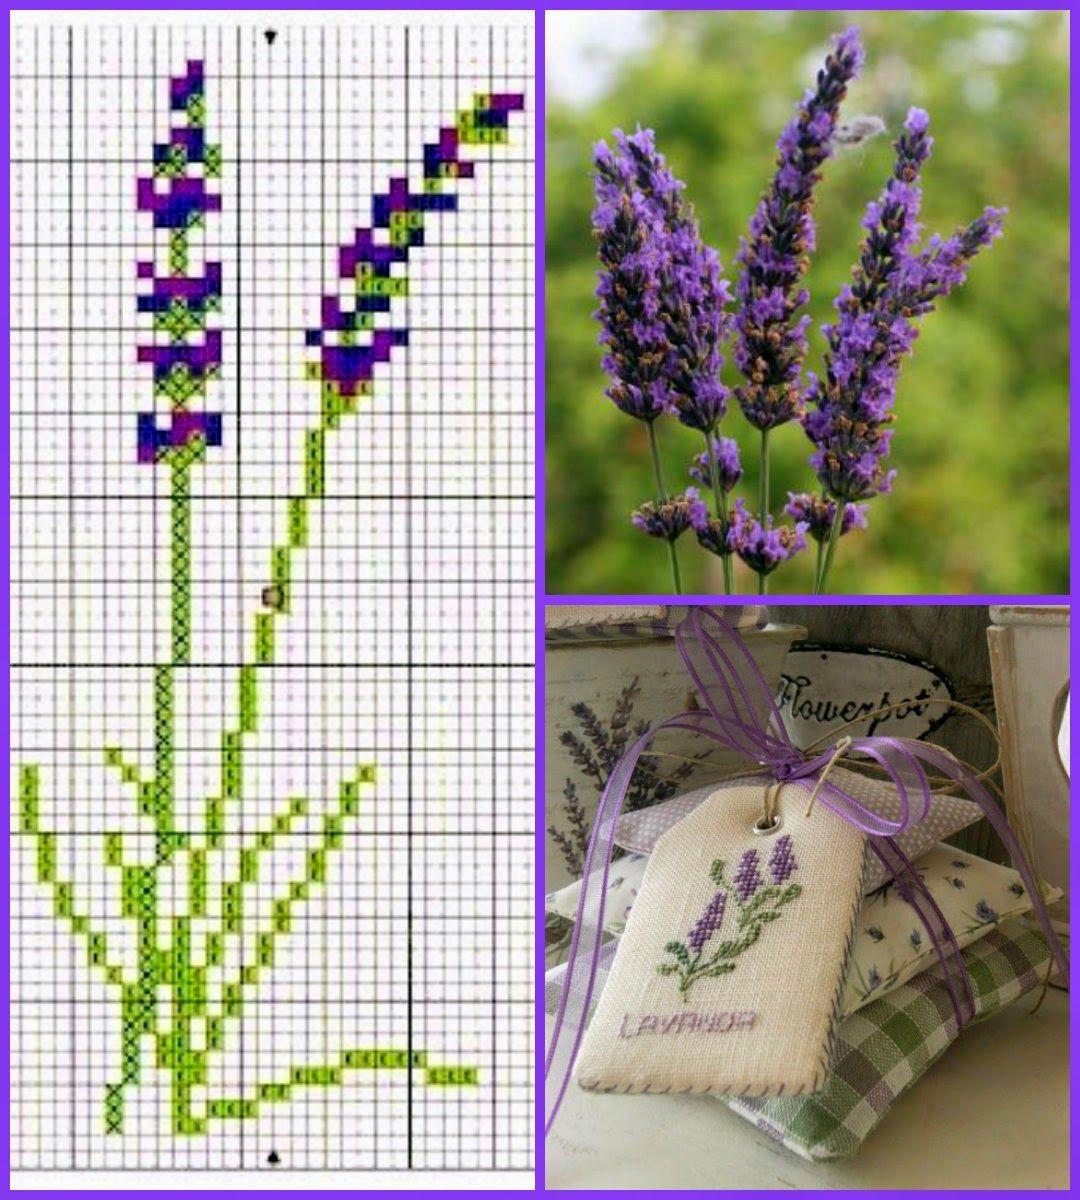 h схему вышивки вышиваю крестиком